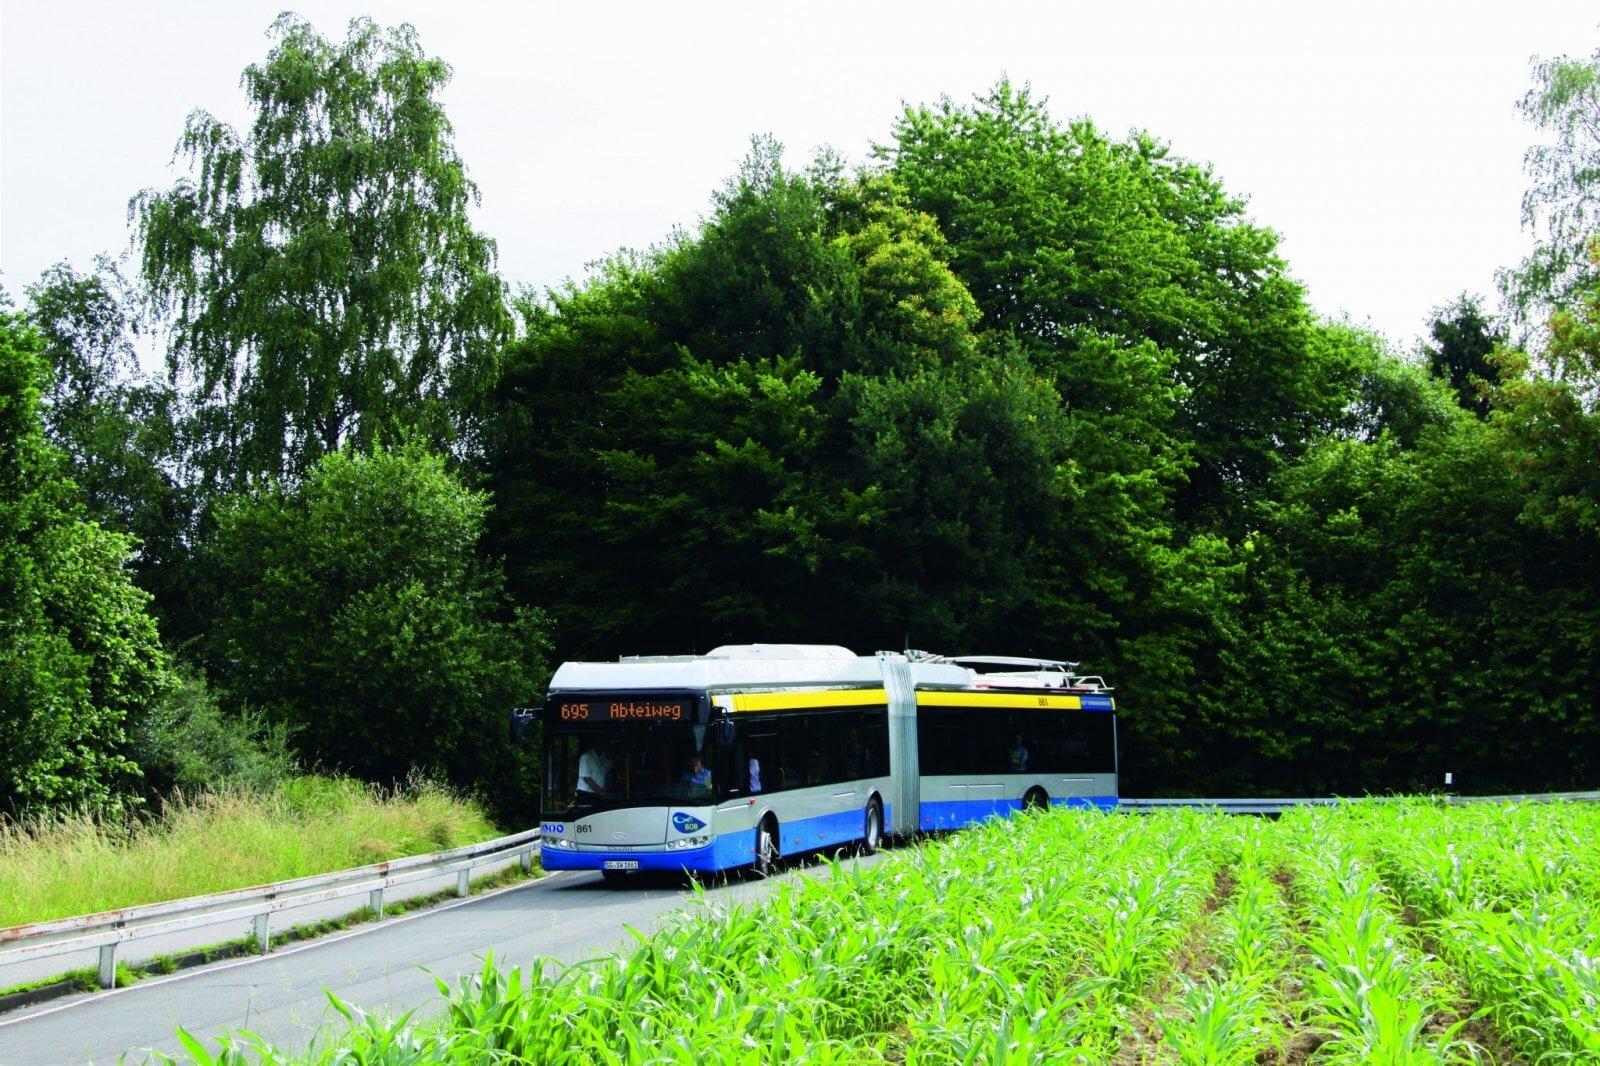 """Na snímku vidíme solingenský parciální trolejbus, který má na čelním transparentu napsáno """"695 Abteiweg"""". Nicméně trolejbusy na této autobusové lince ještě pravidelně nejezdí, teprve nyní jsou totiž se skoro ročním zpožděním dokončovány úpravy na smyčce v Abteiwegu, včetně instalace nabíjecí stanice, po kterých bude možné pravidelný provoz trolejbusů na baterie na dané lince zavést. Očekává se, že by se tak mohlo stát ještě tento měsíc. Zavedení trolejbusů na této lince má být z provozního hlediska prvním významným krokem na plánované cestě k eliminaci městských autobusů. (foto: Stadtwerke Solingen)"""